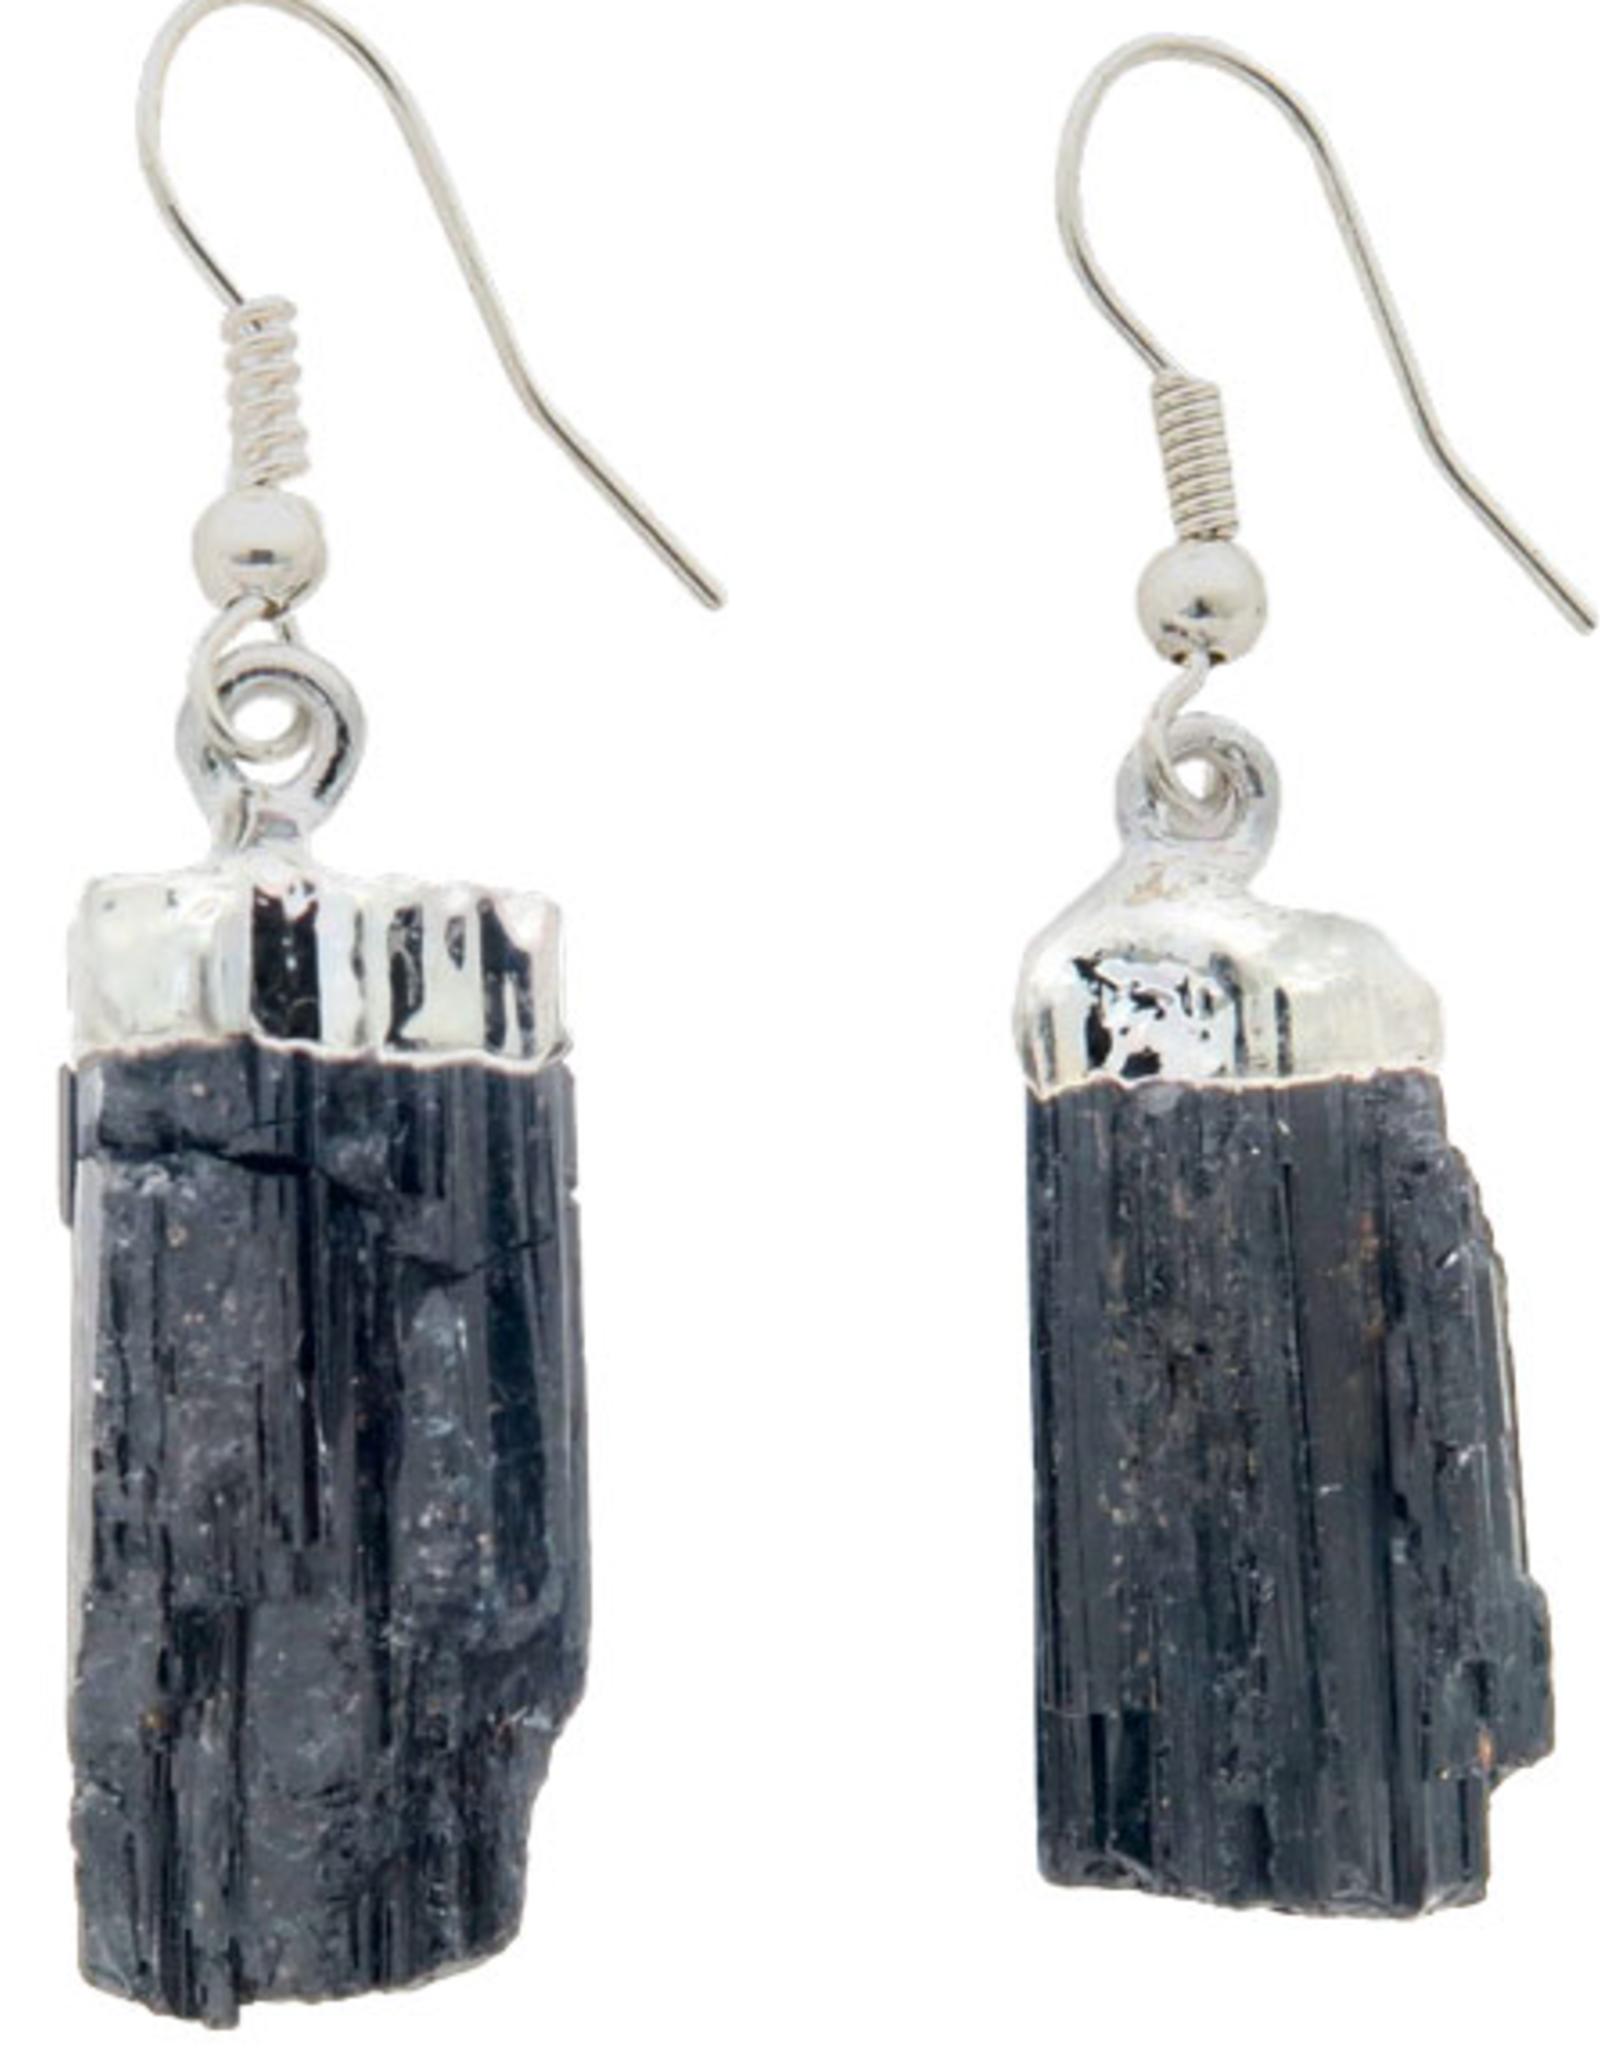 Black Tourmaline Earrings